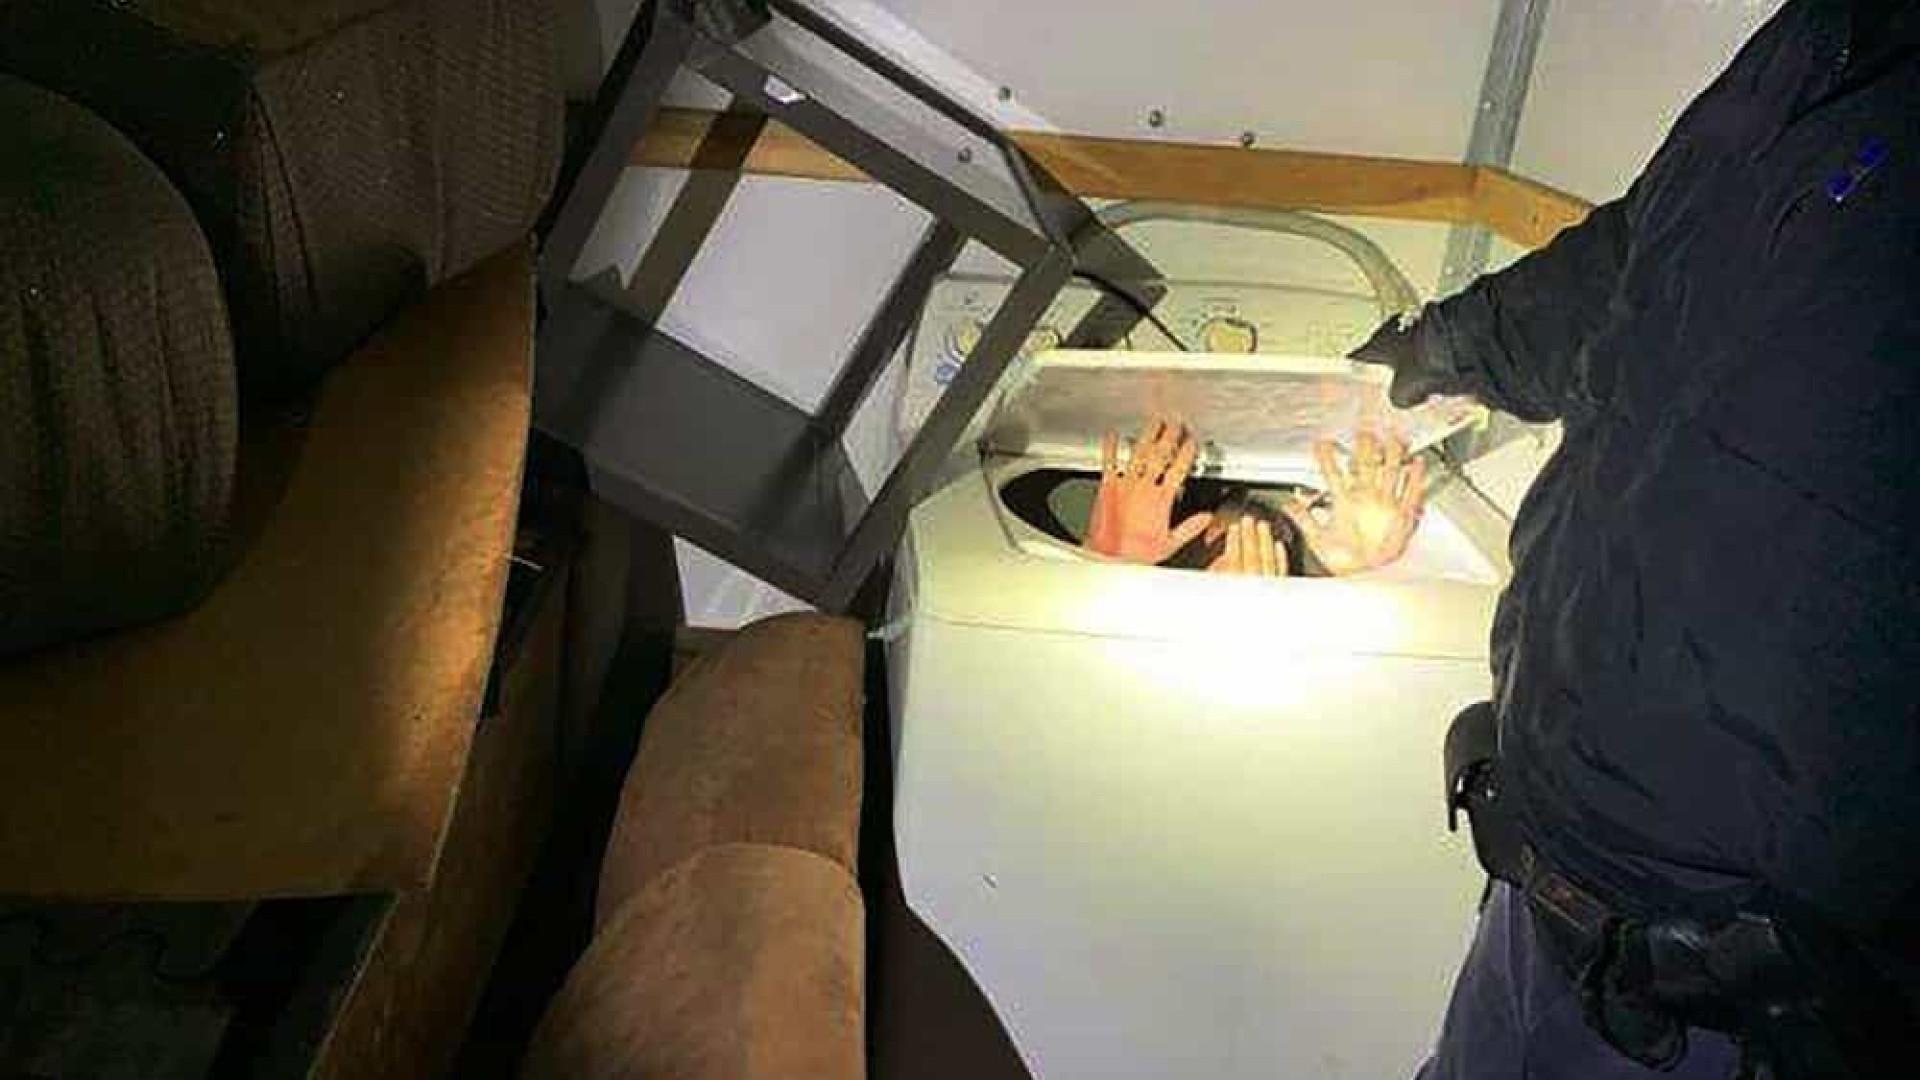 Migrantes encontrados dentro de eletrodomésticos na fronteira dos EUA